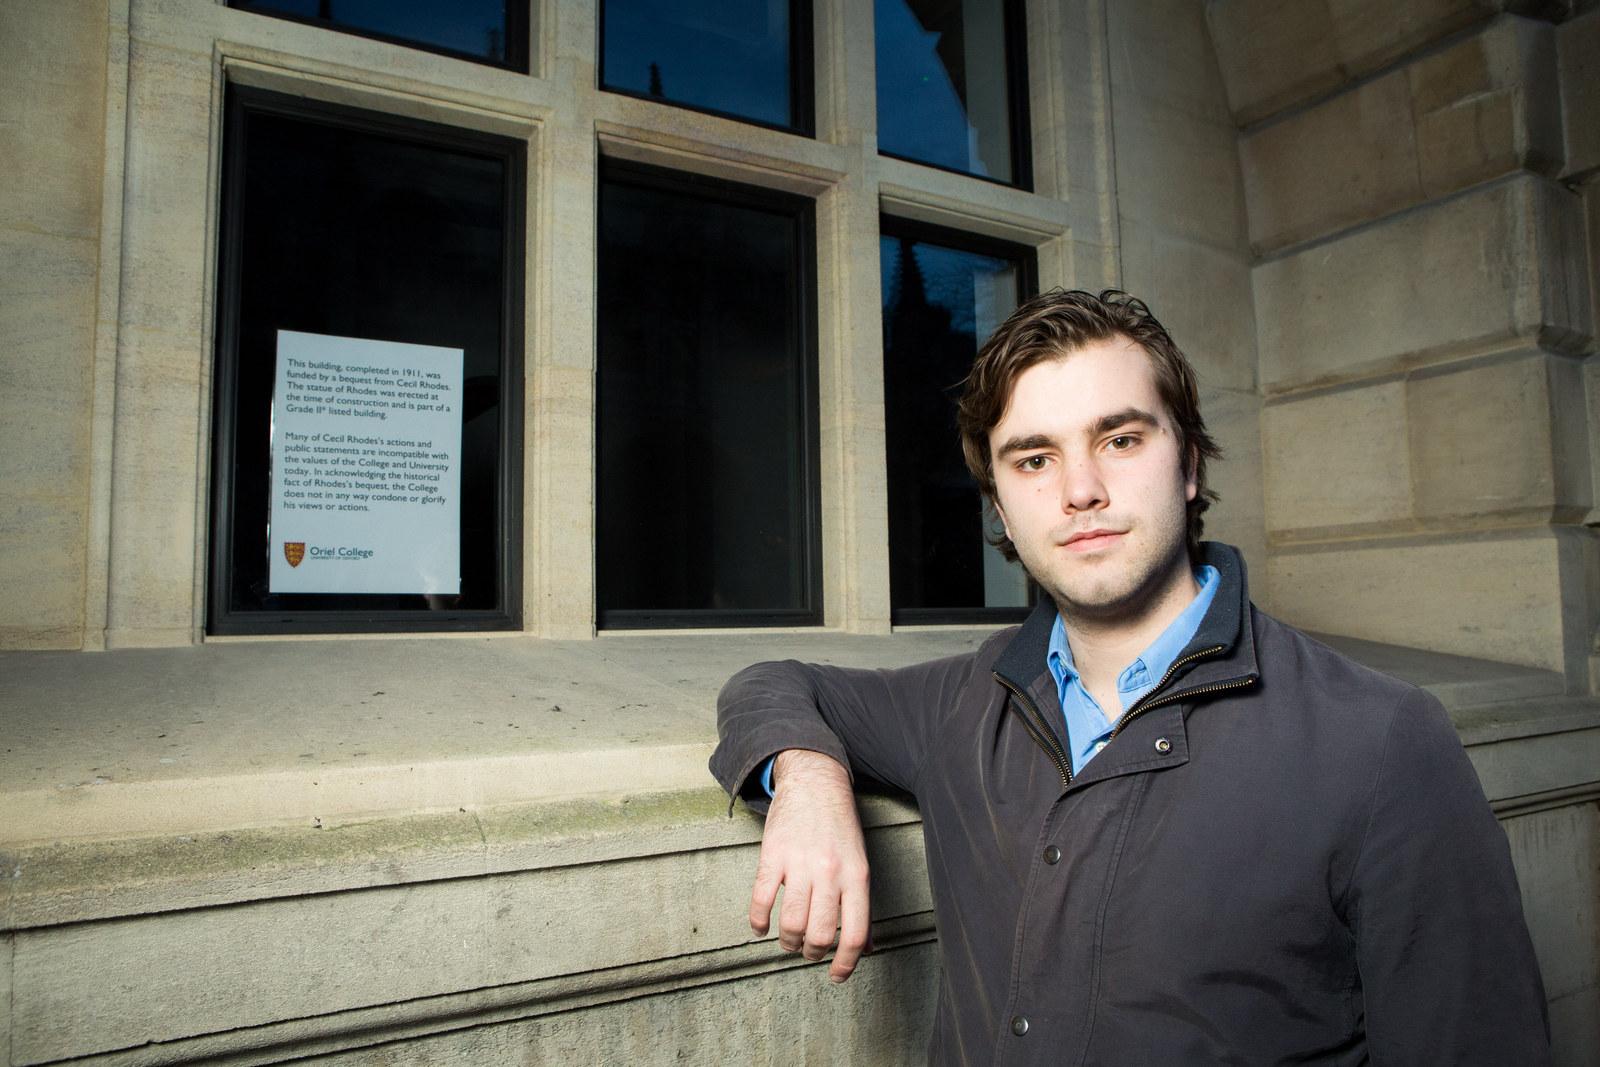 Jacob Williams dice que ni el estudio de filosofía en Oxford ni la Iglesia anglicana era capaz de responder a mis preguntas sobre la creencia y la sociedad